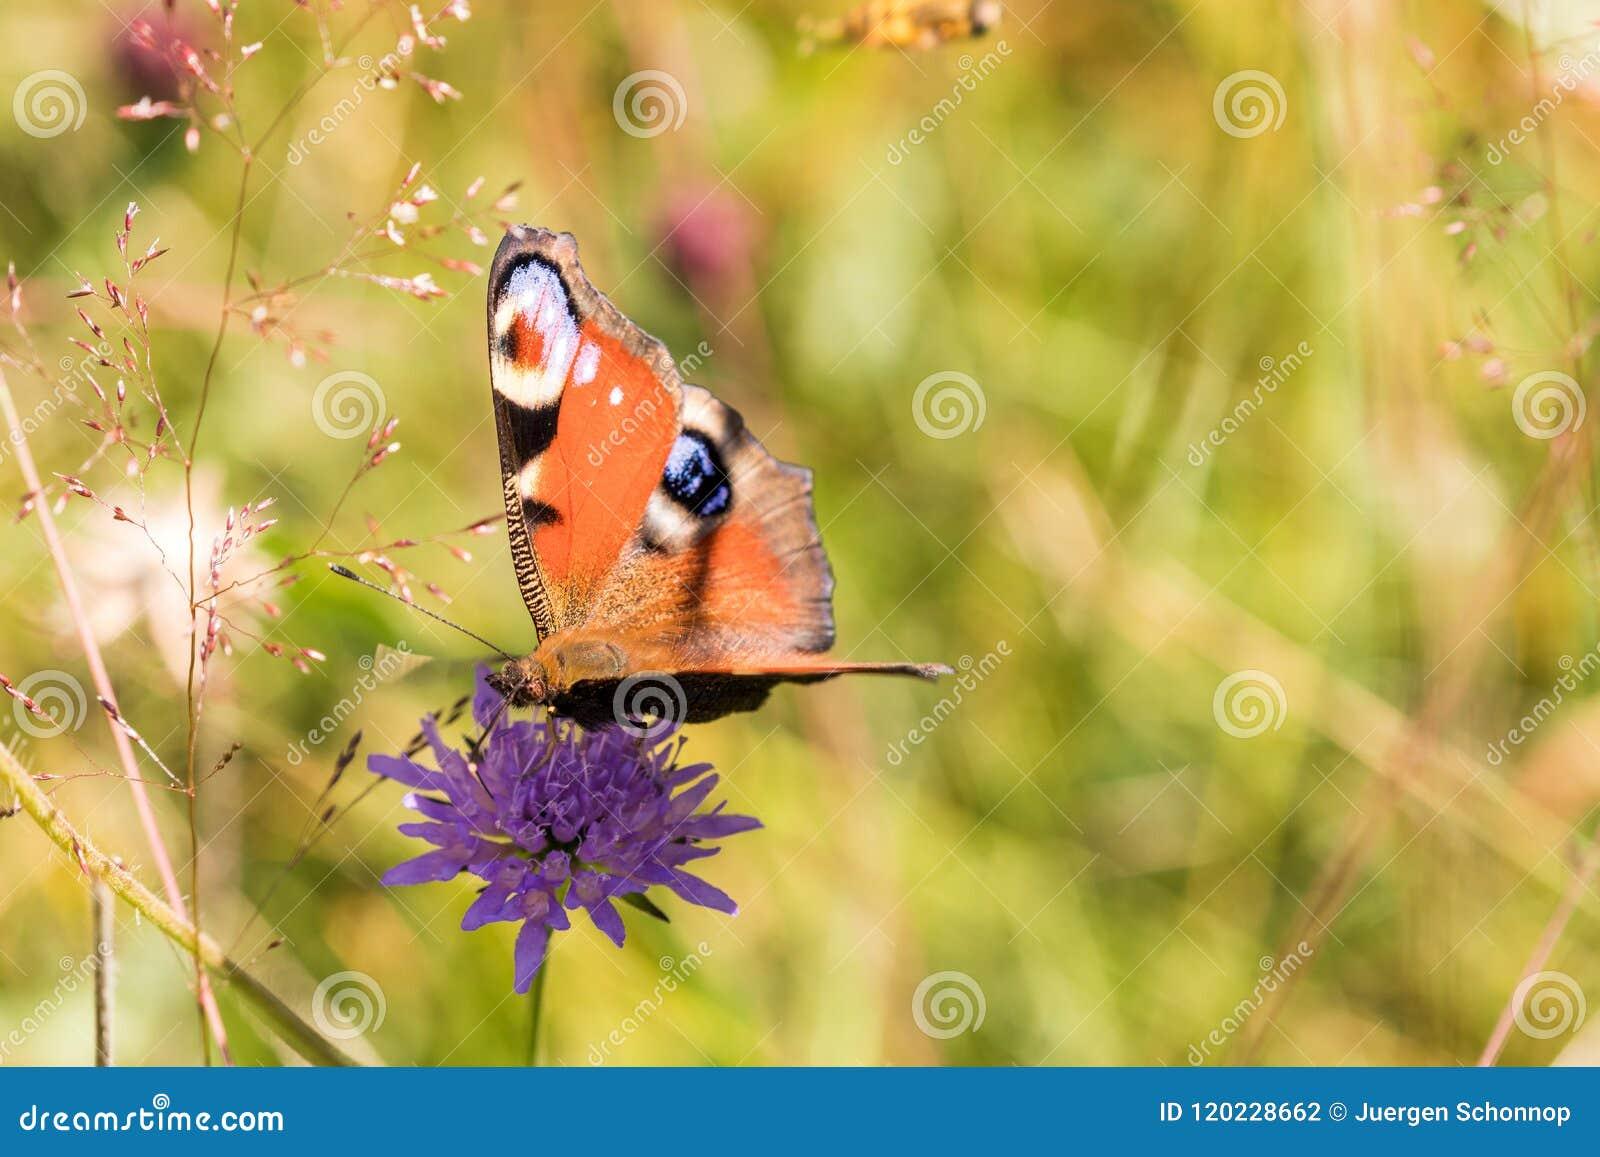 Macro of a peacock butterfly on a purple flower